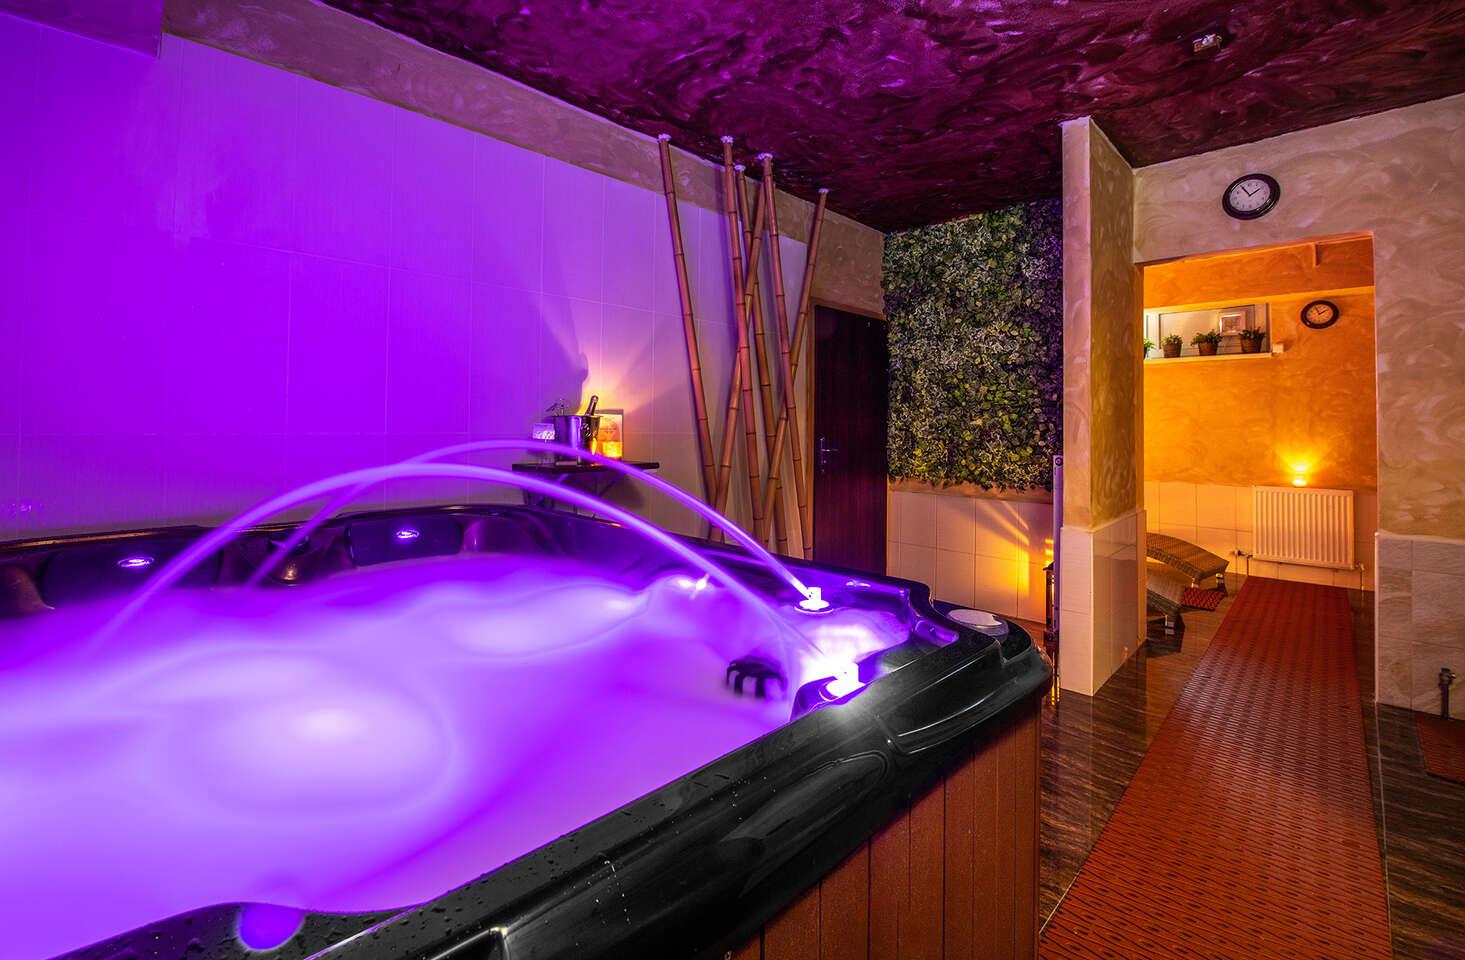 Rozmaznávajte sa privátnym wellnessom v PREMIUM**** business hotel Bratislava v romantickej atmosfére so sviečkami a sektom